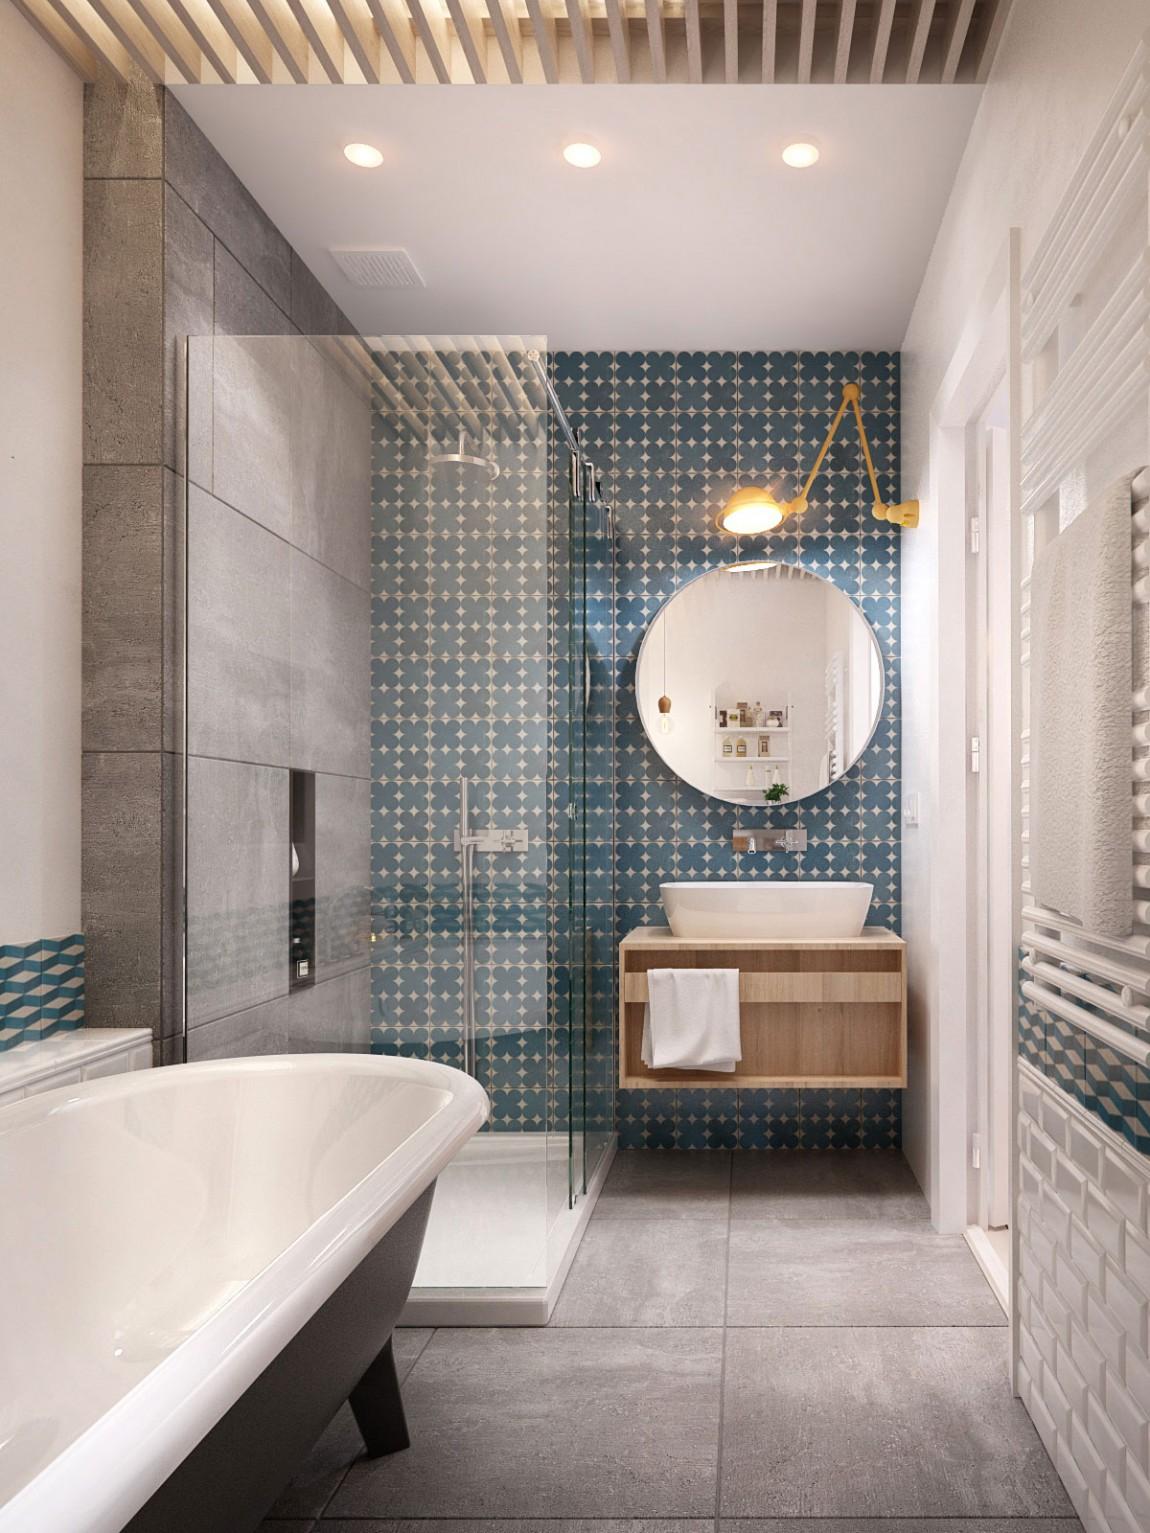 Bạn đã có ý tưởng thiết kế phòng tắm cho ngôi nhà?6